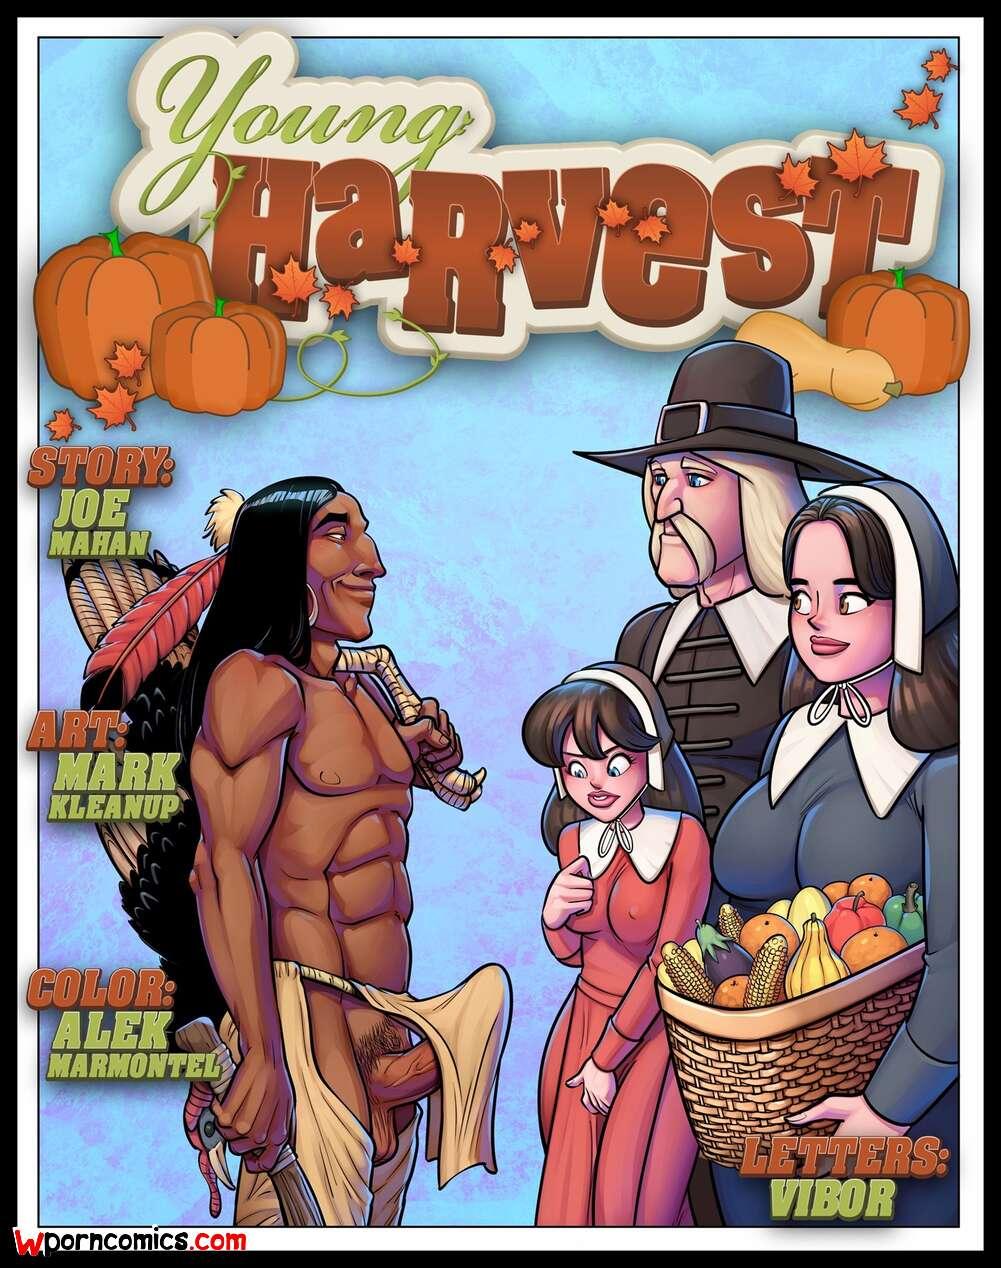 Porn comic sex Adult Comics